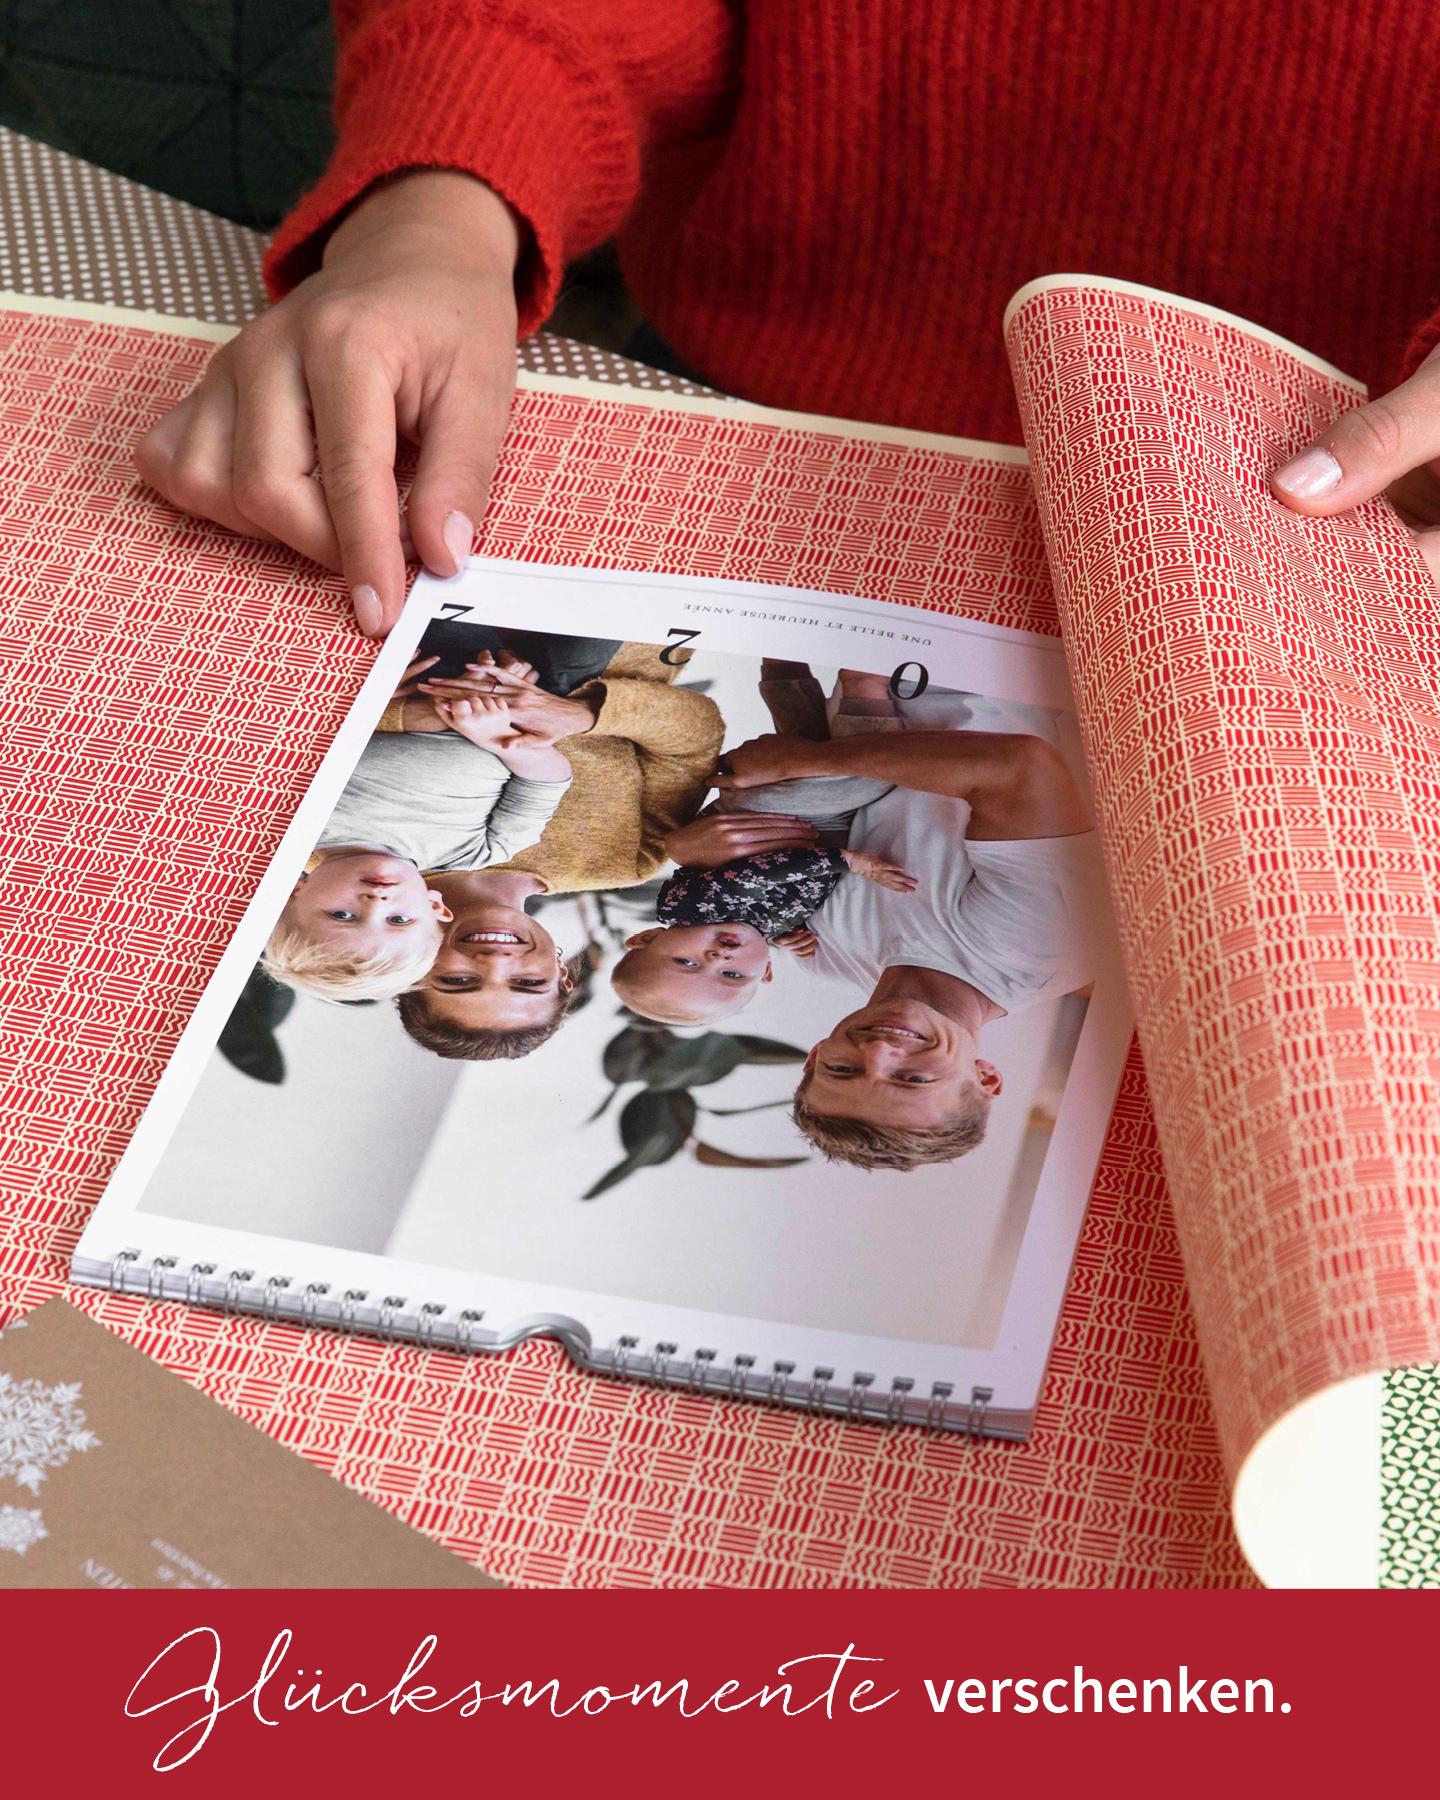 Fotokalender für die Wand wird mit bunten Geschenkpapier zu Weihnachten eingepackt.